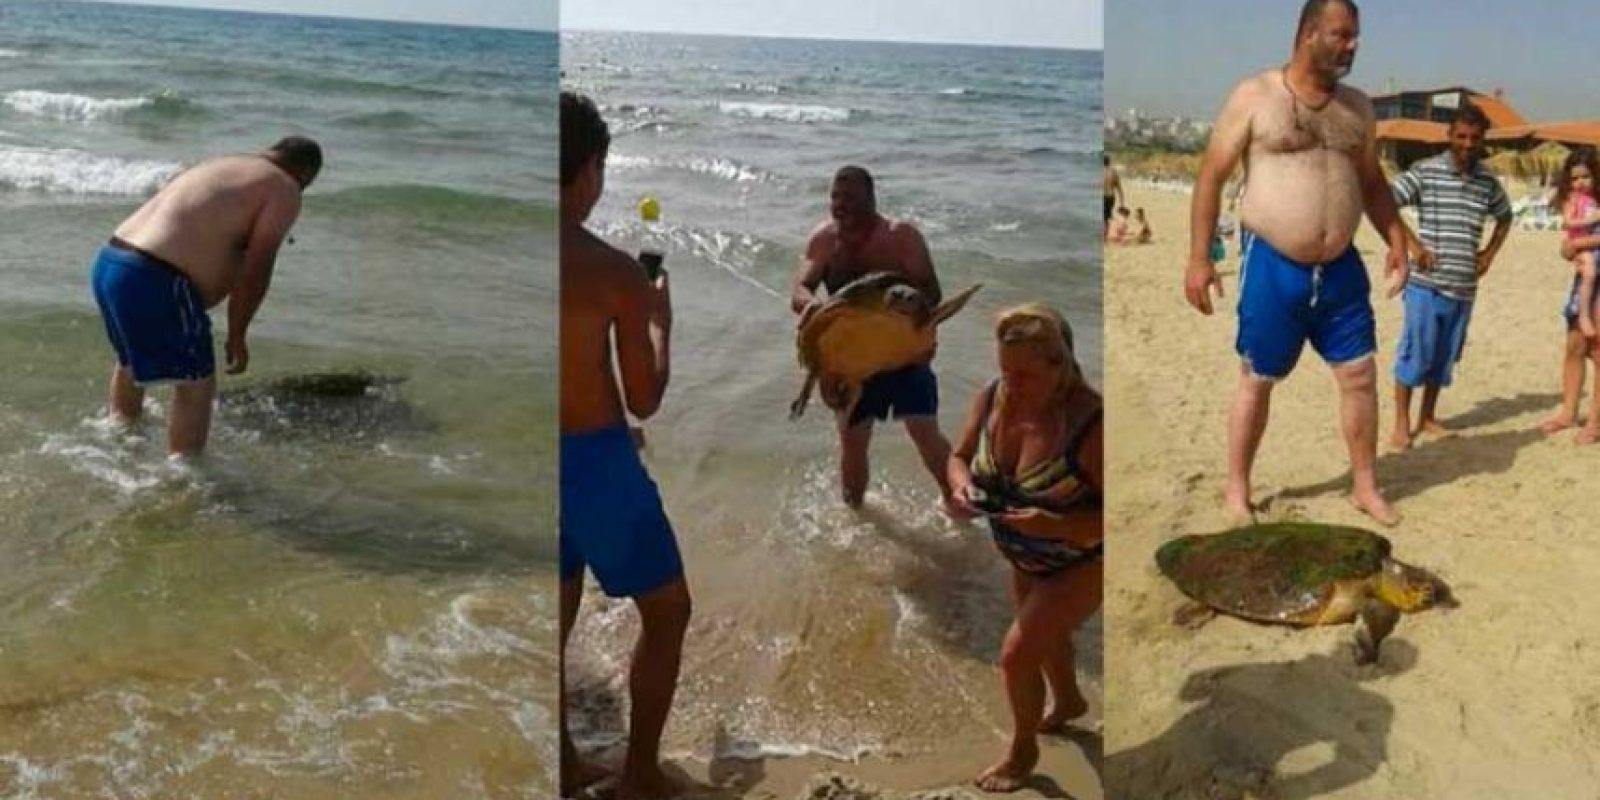 El hecho tuvo lugar en una playa ubicada al sur de Beirut. Foto:Animals Lebanon